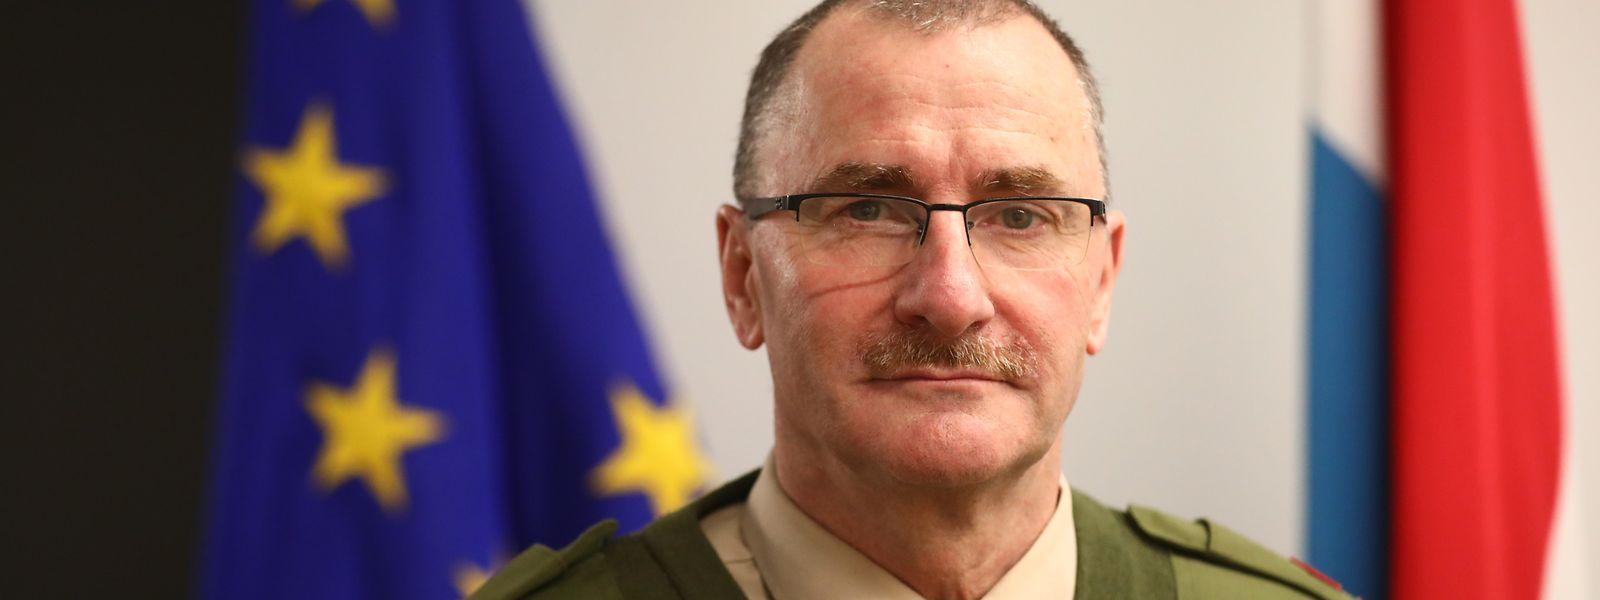 General Alain Duschène will gerichtlich gegen SPFP-Präsident Pascal Ricquier vorgehen. Dieser habe falsche Behauptungen in die Welt gesetzt.